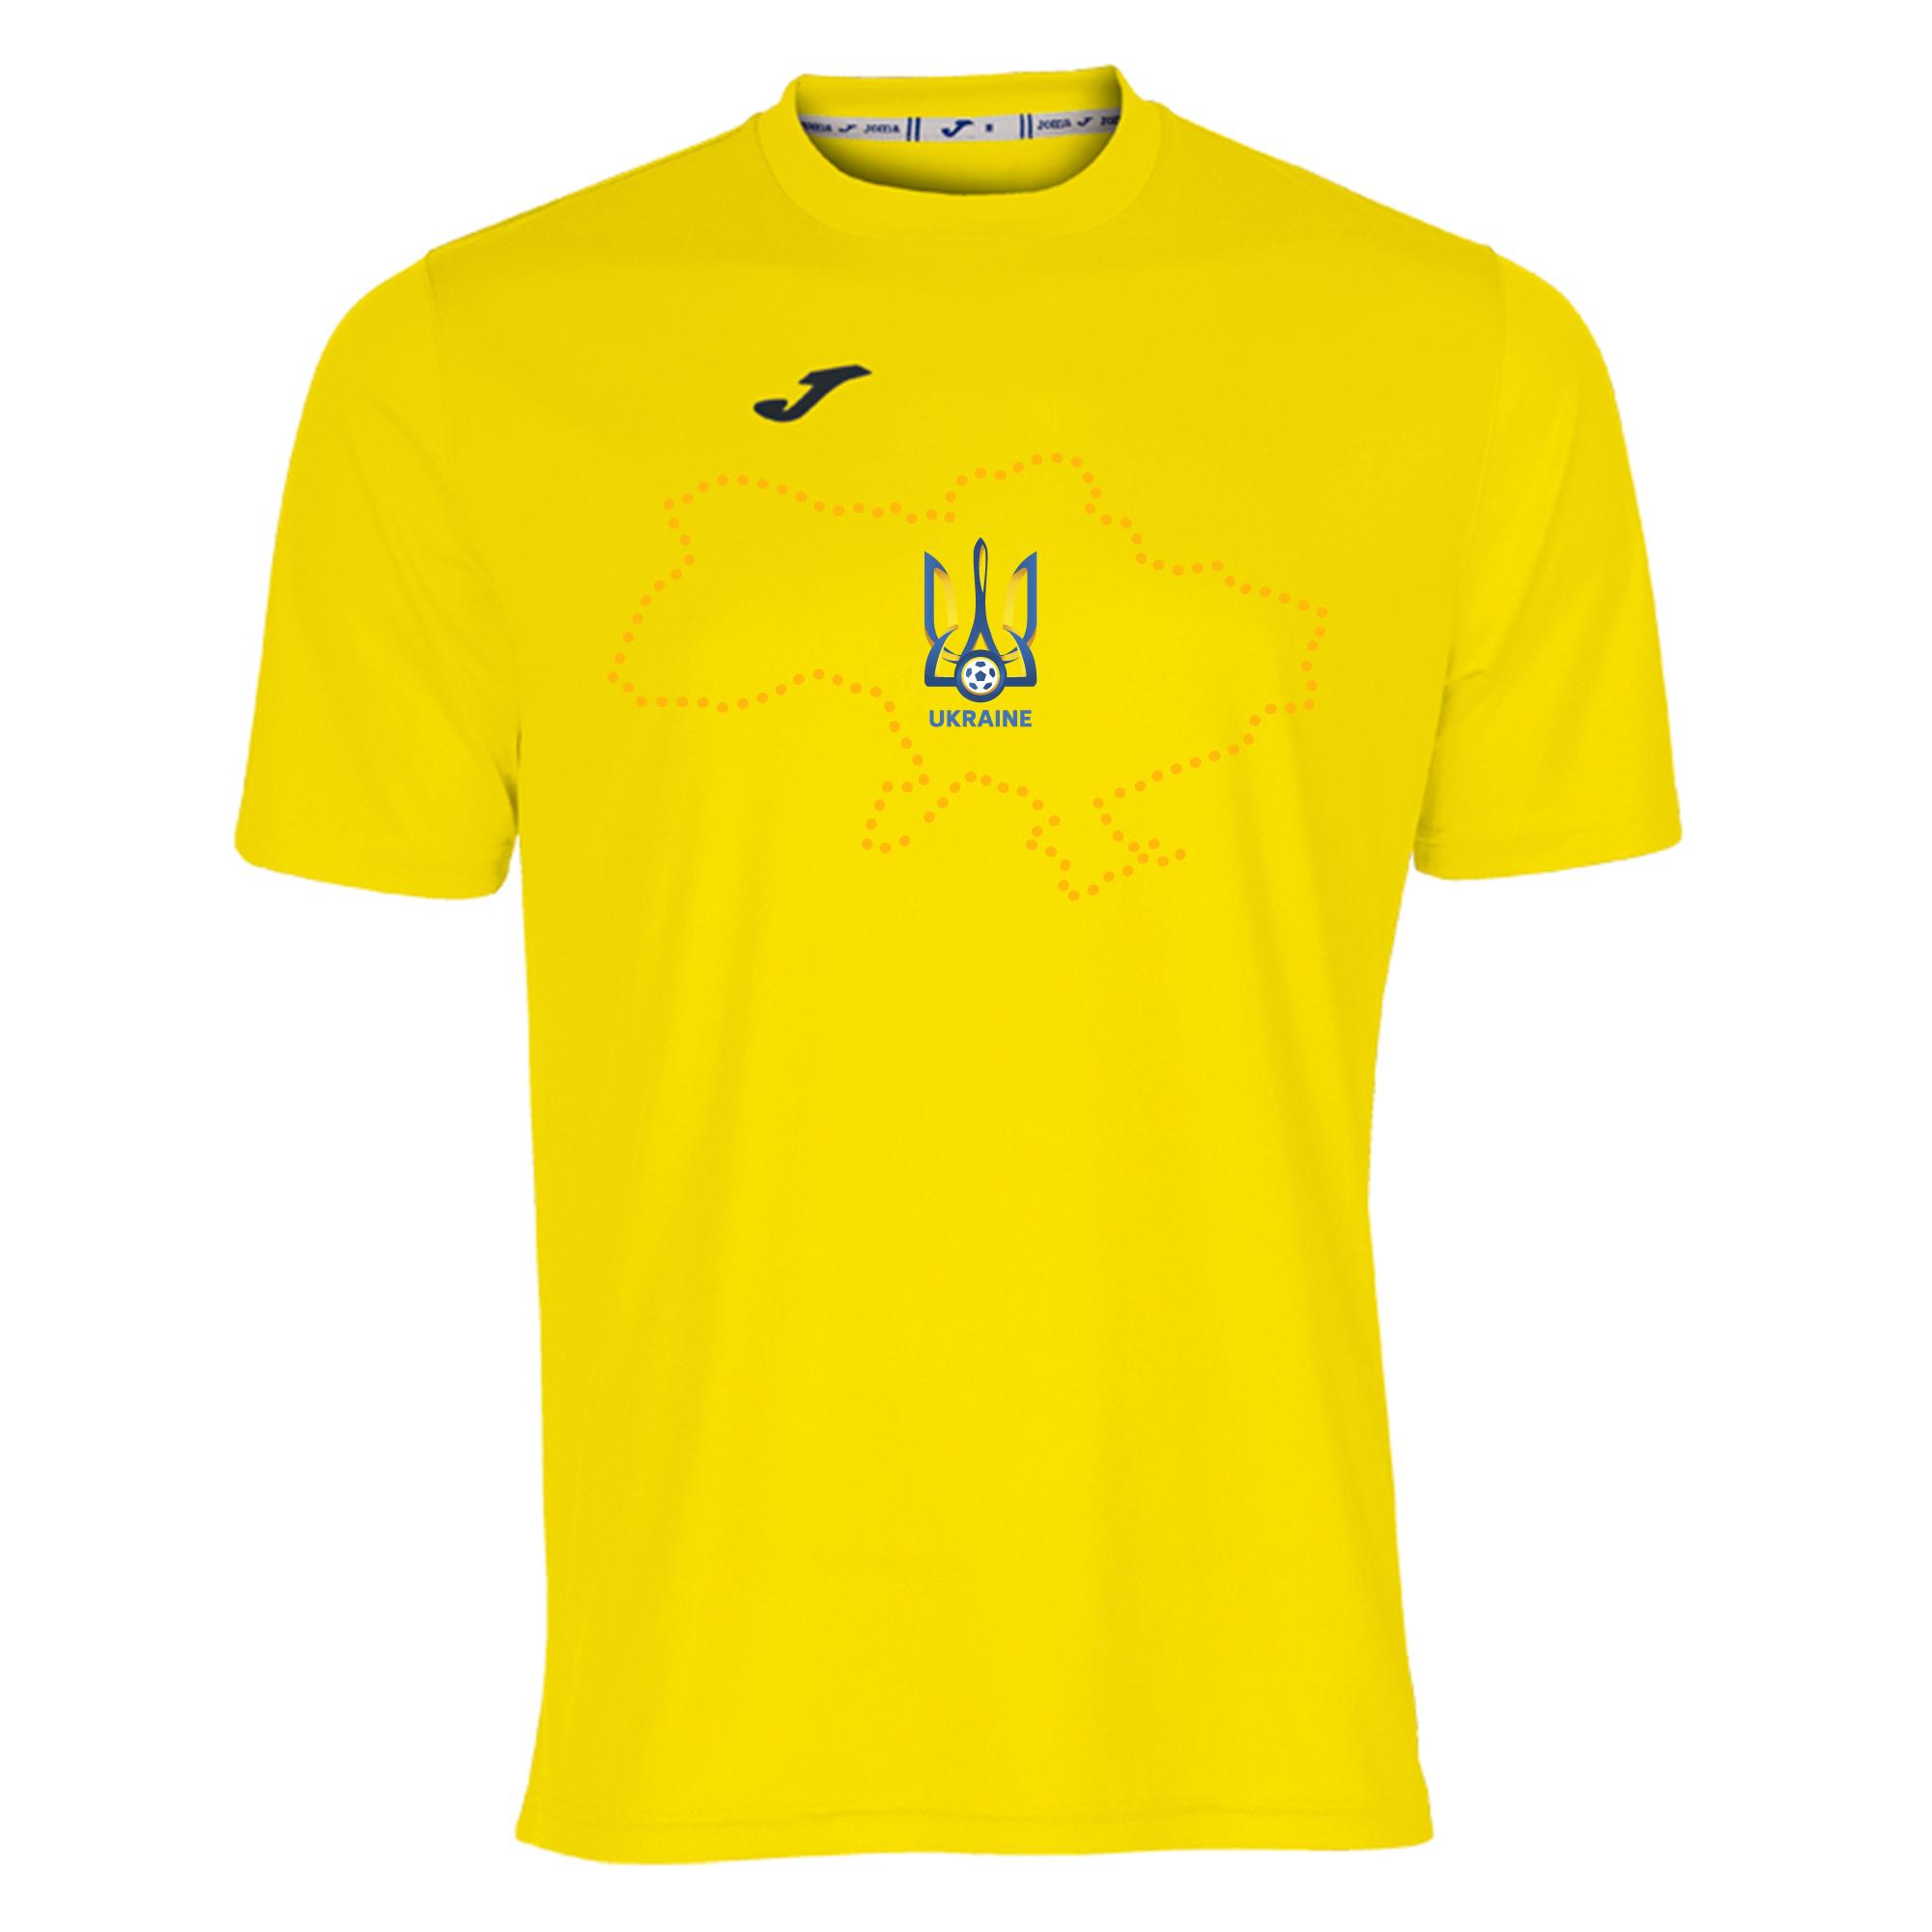 Футболка сборной Украины Joma желтая 100052.900 с картой Украины